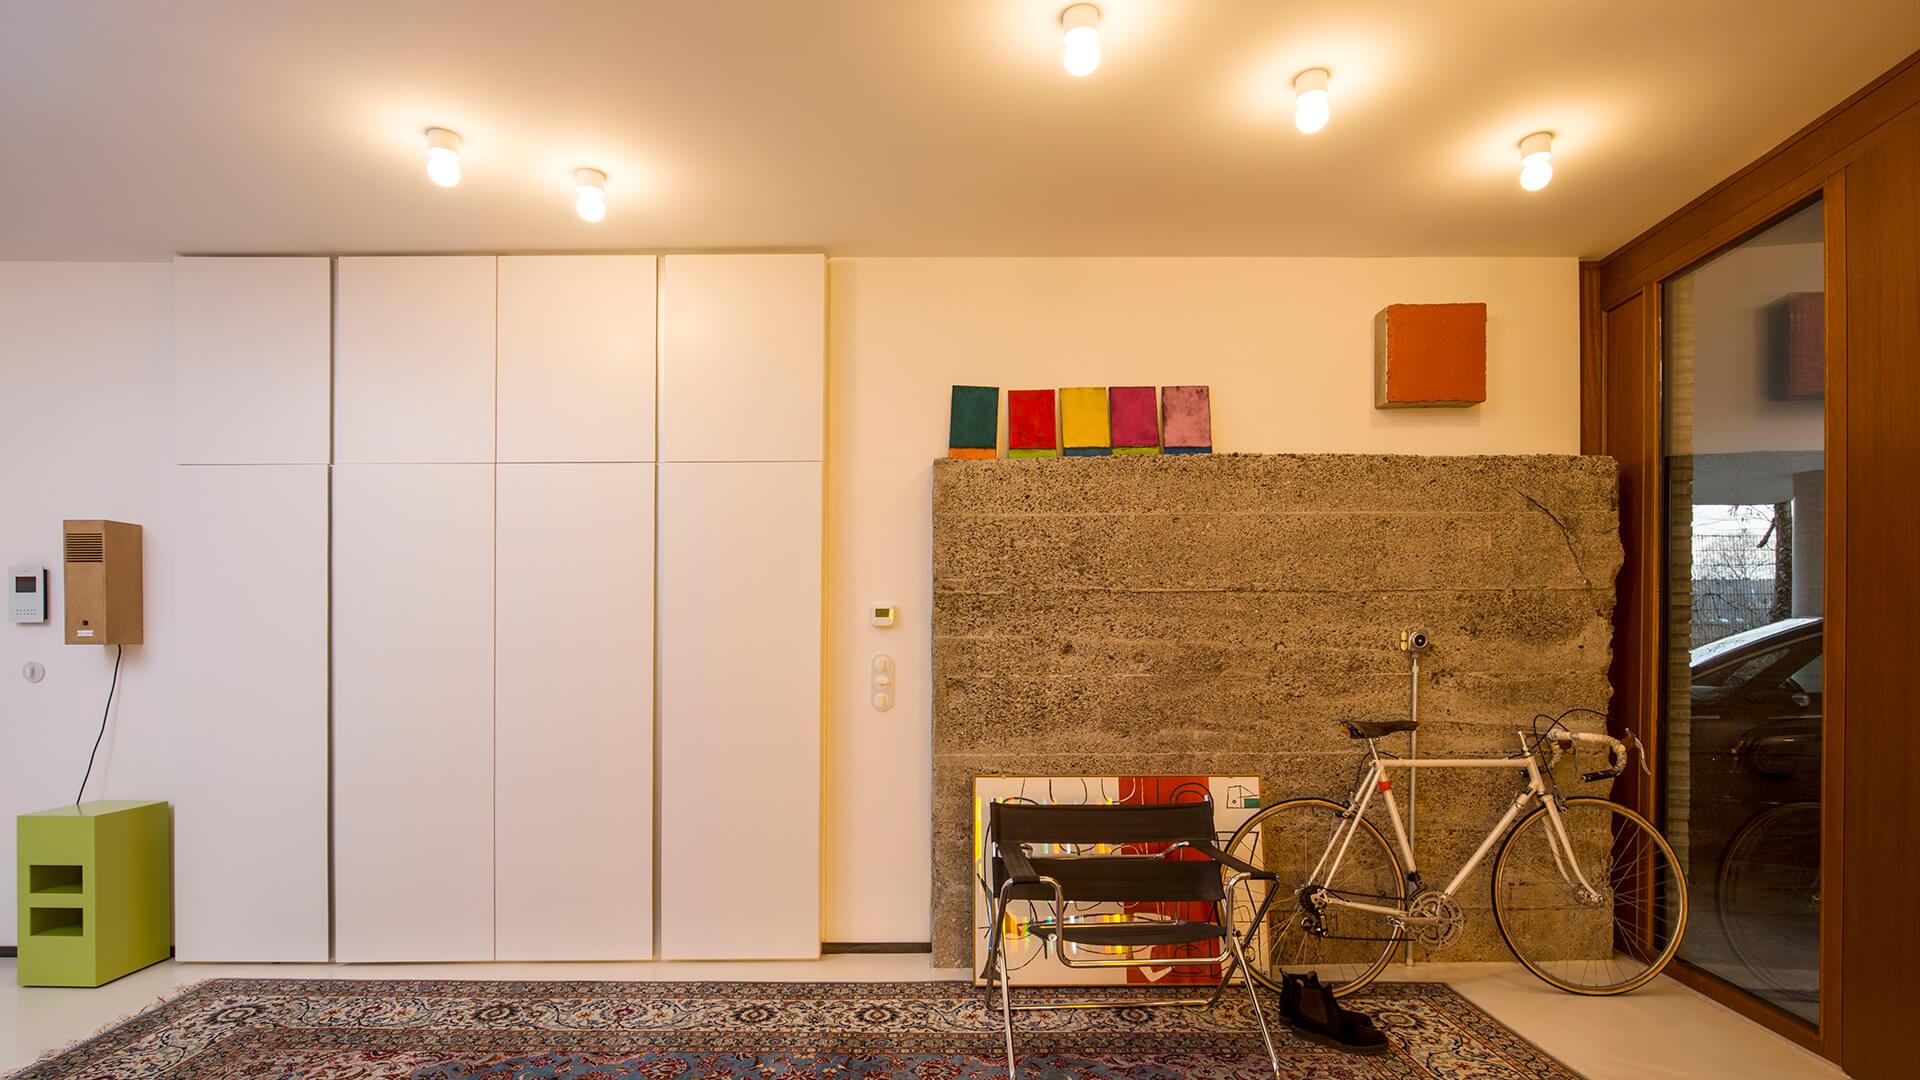 Architekturfotografie | Falko Wübbecke | Fotodesign